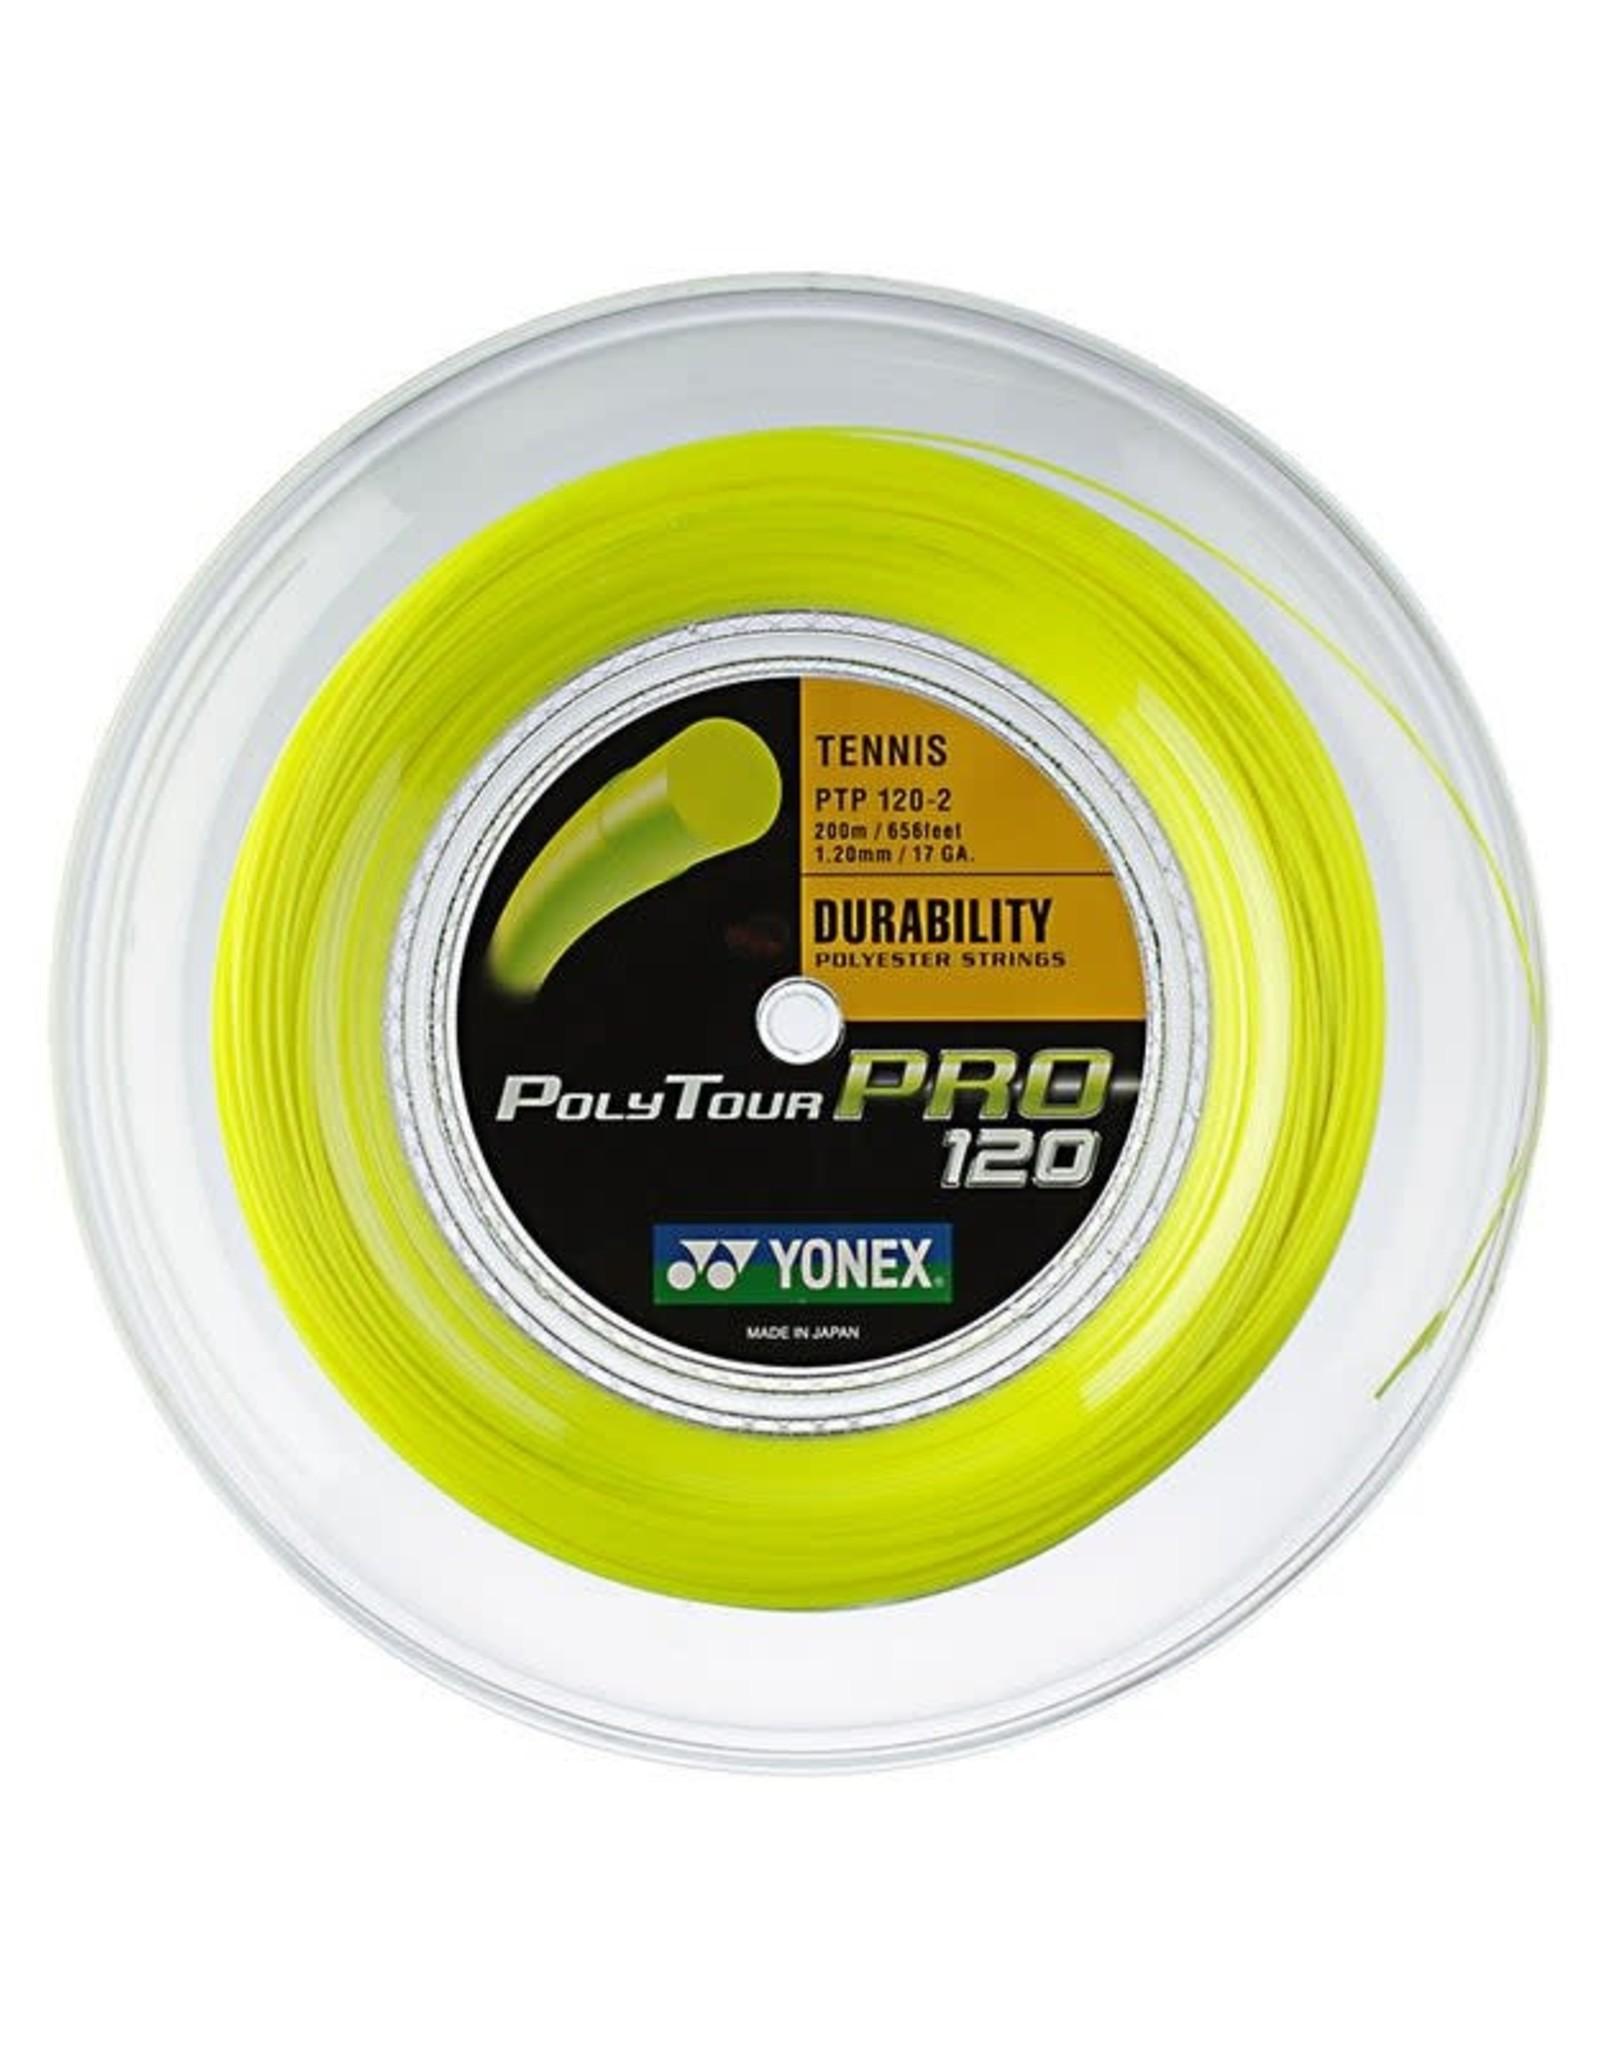 Yonex Poly Tour Pro reel